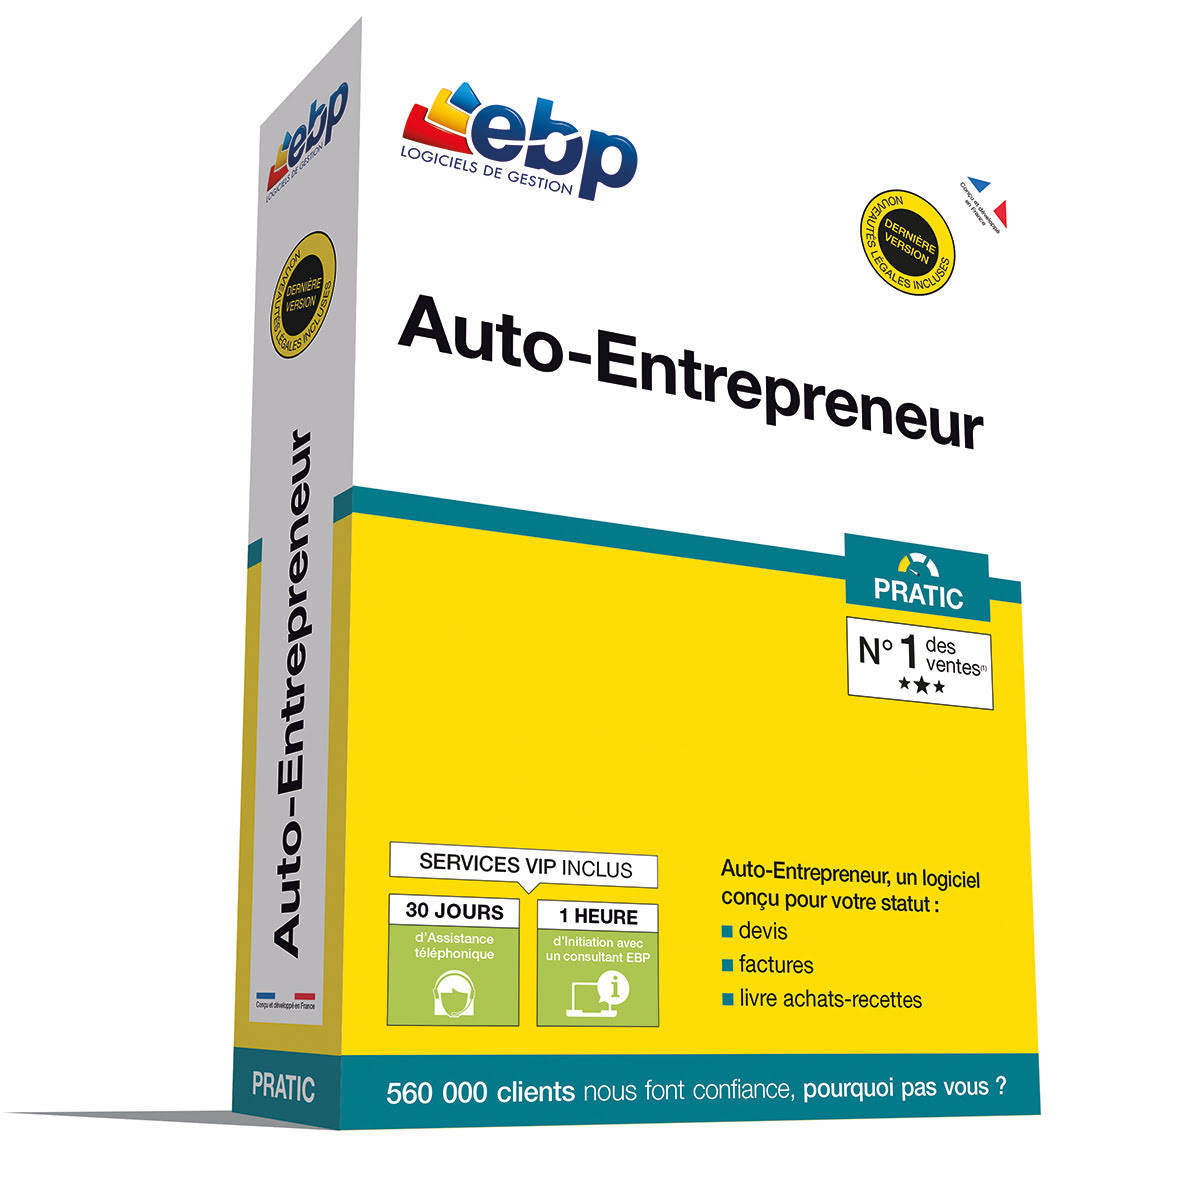 EBP Auto-Entrepreneur PRATIC + VIP - Logiciel application - 0